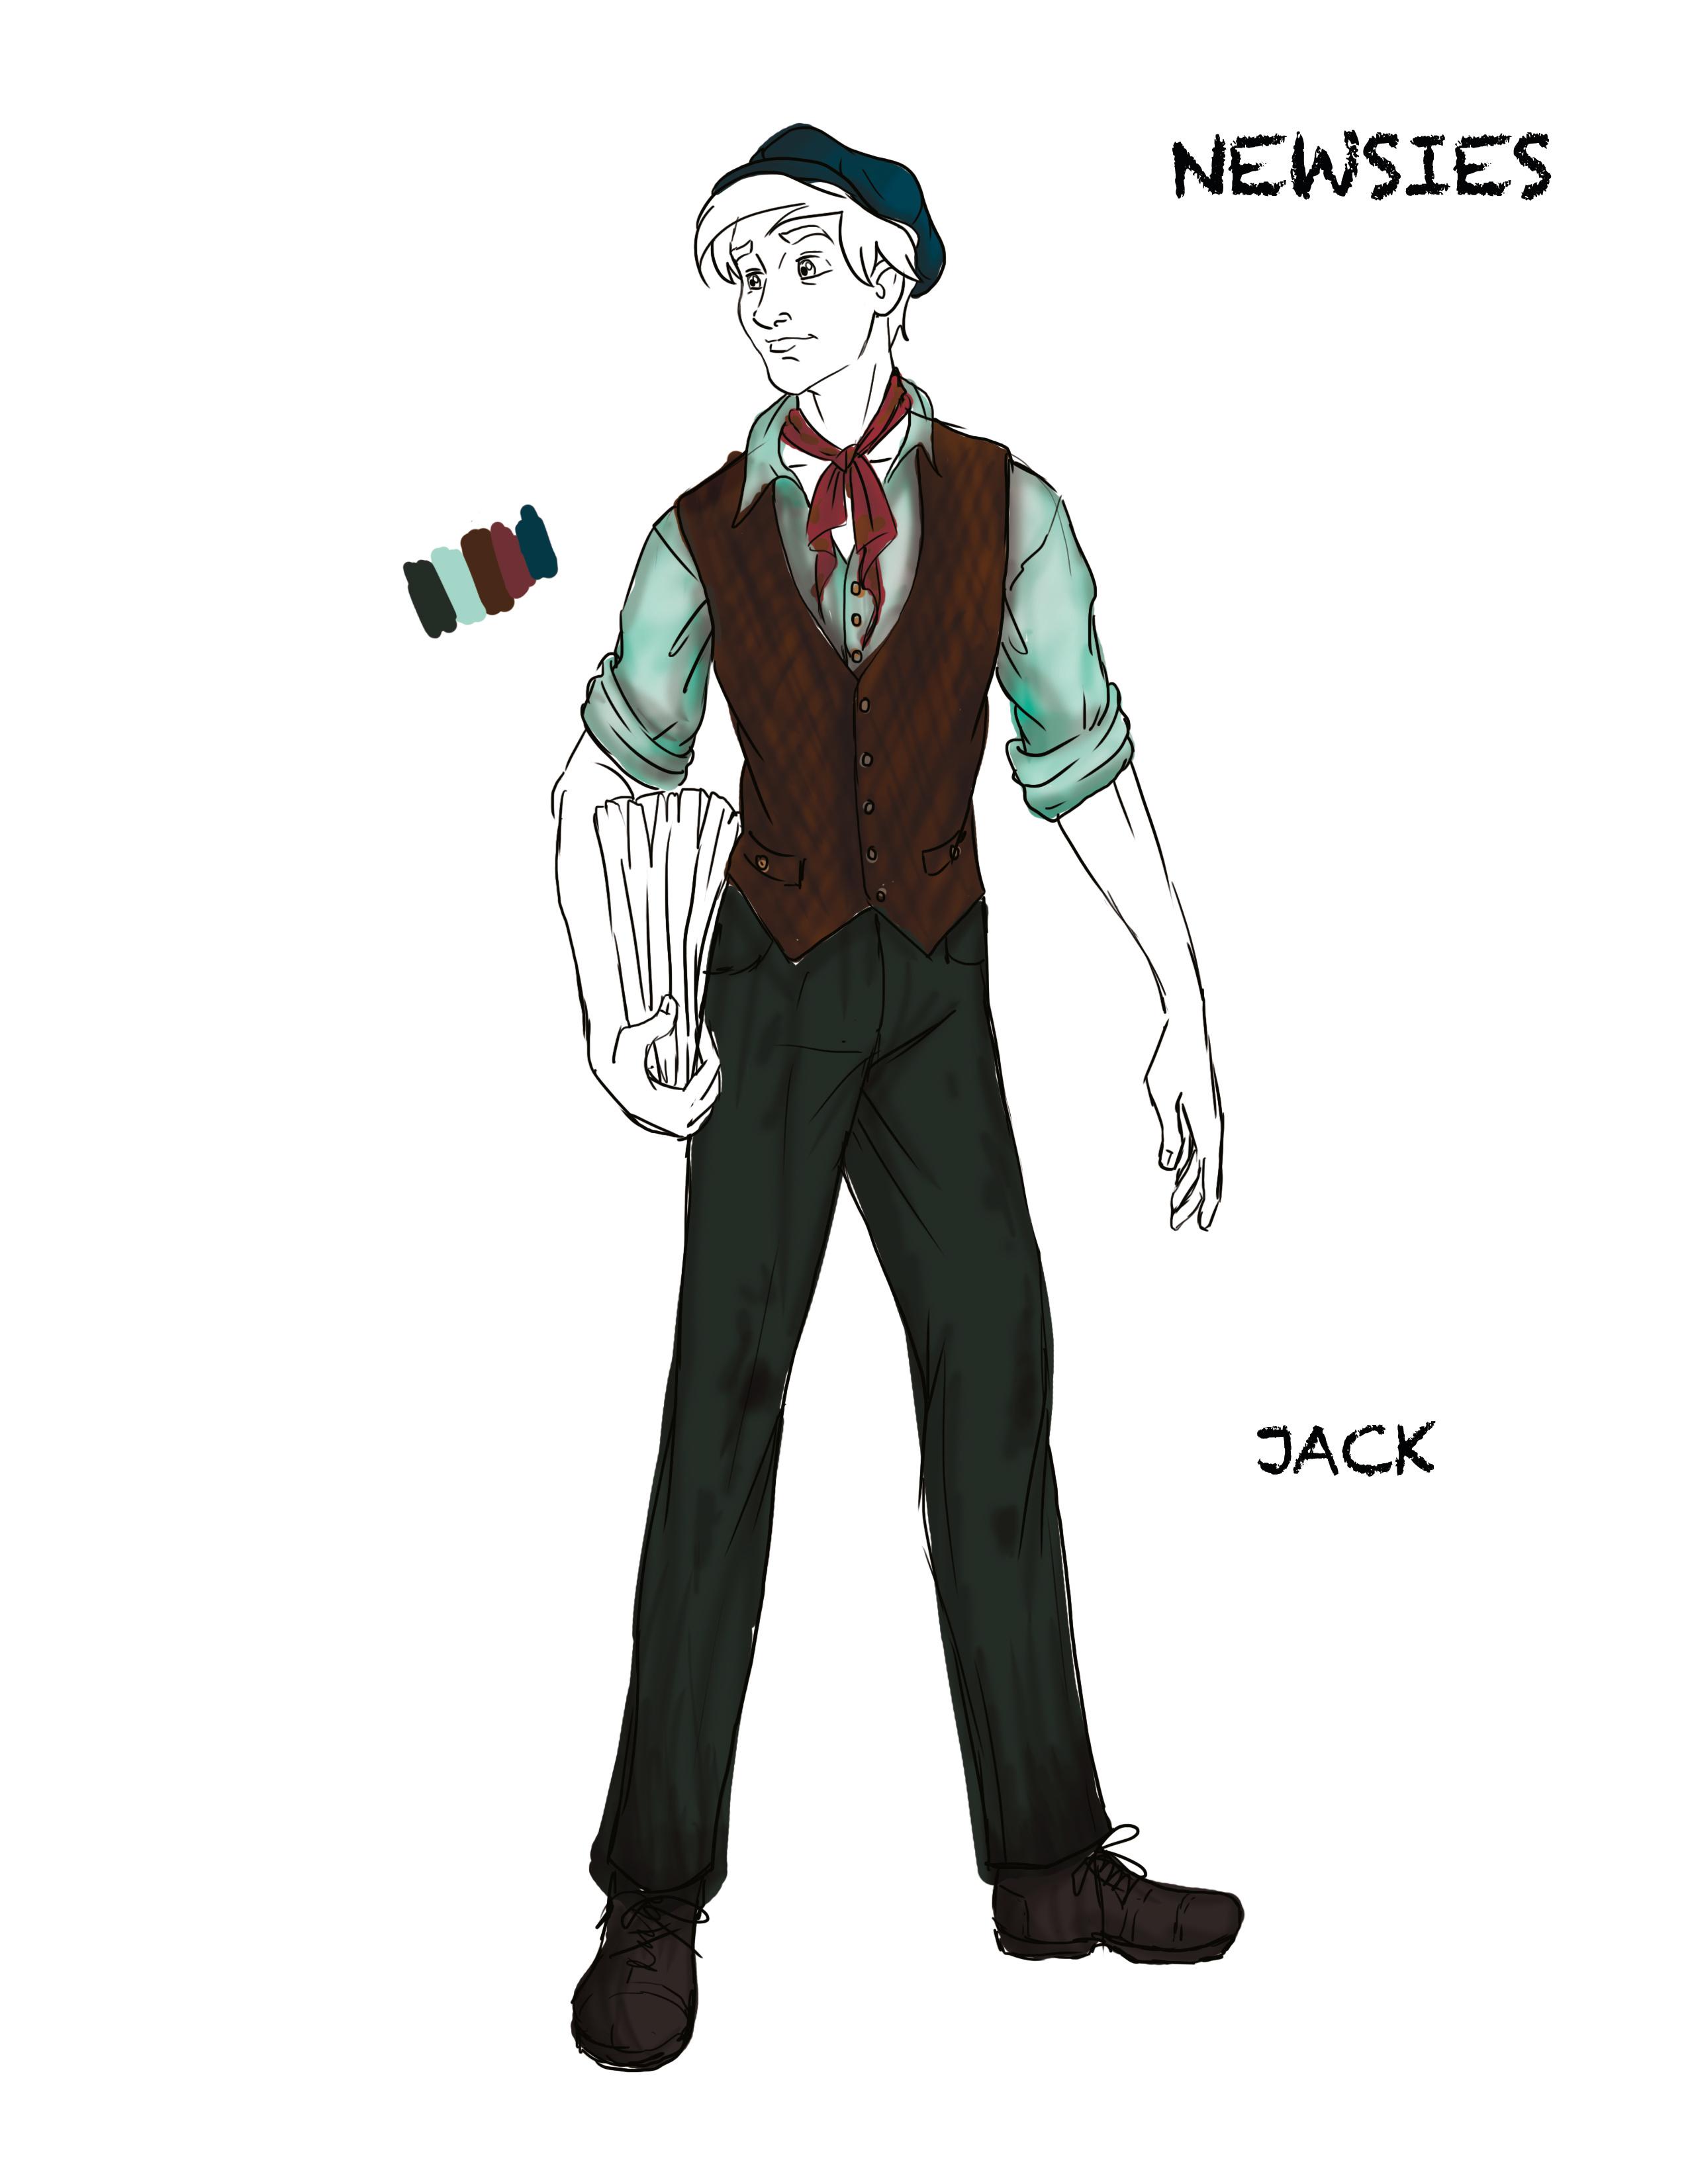 Jack Kelly